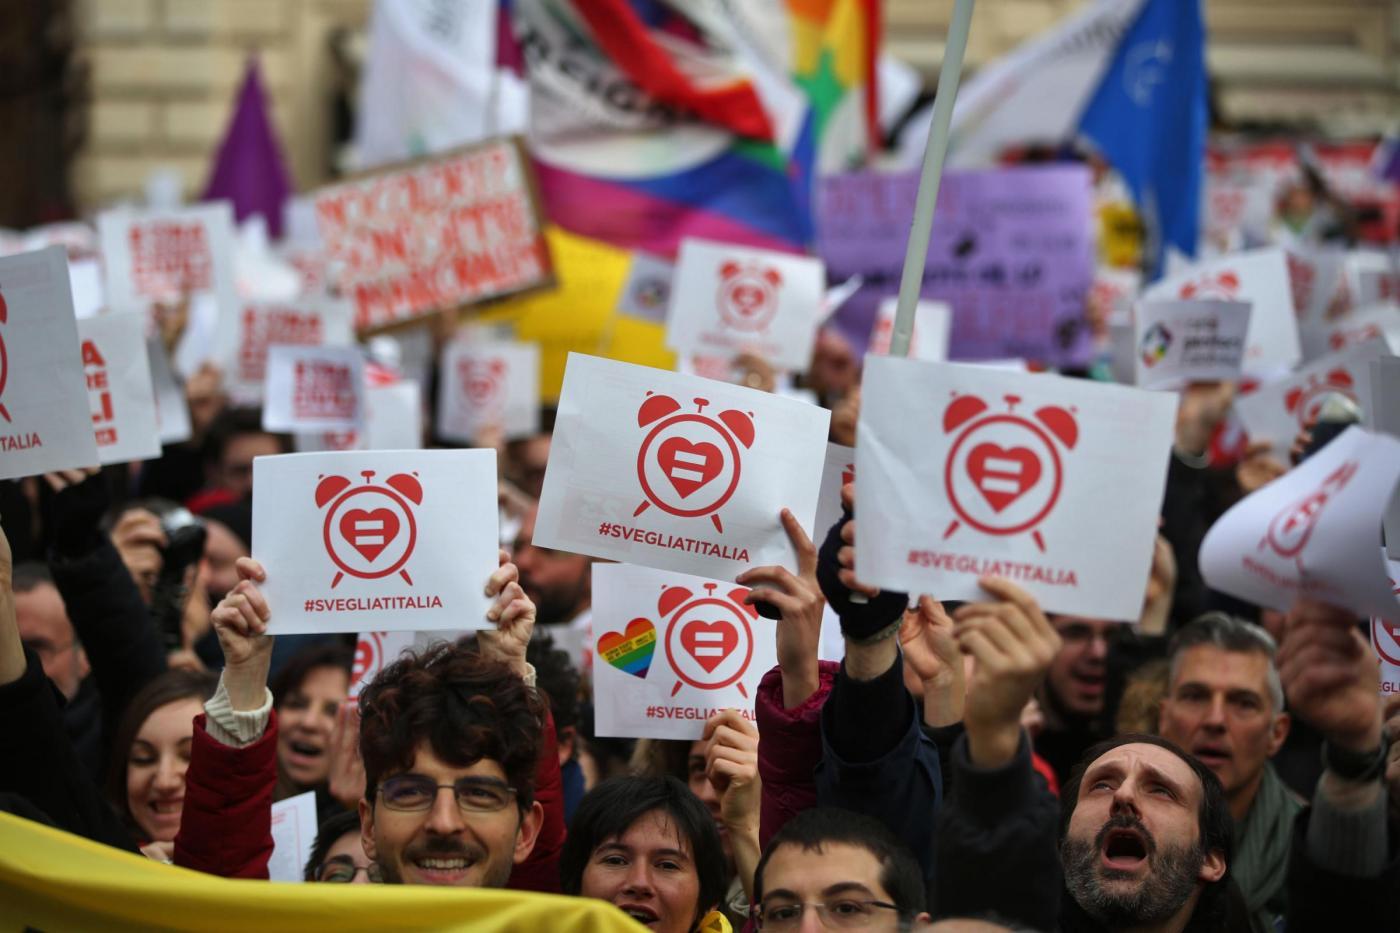 Ddl Cirinnà, i diritti civili diventano un'arma di distrazione di massa